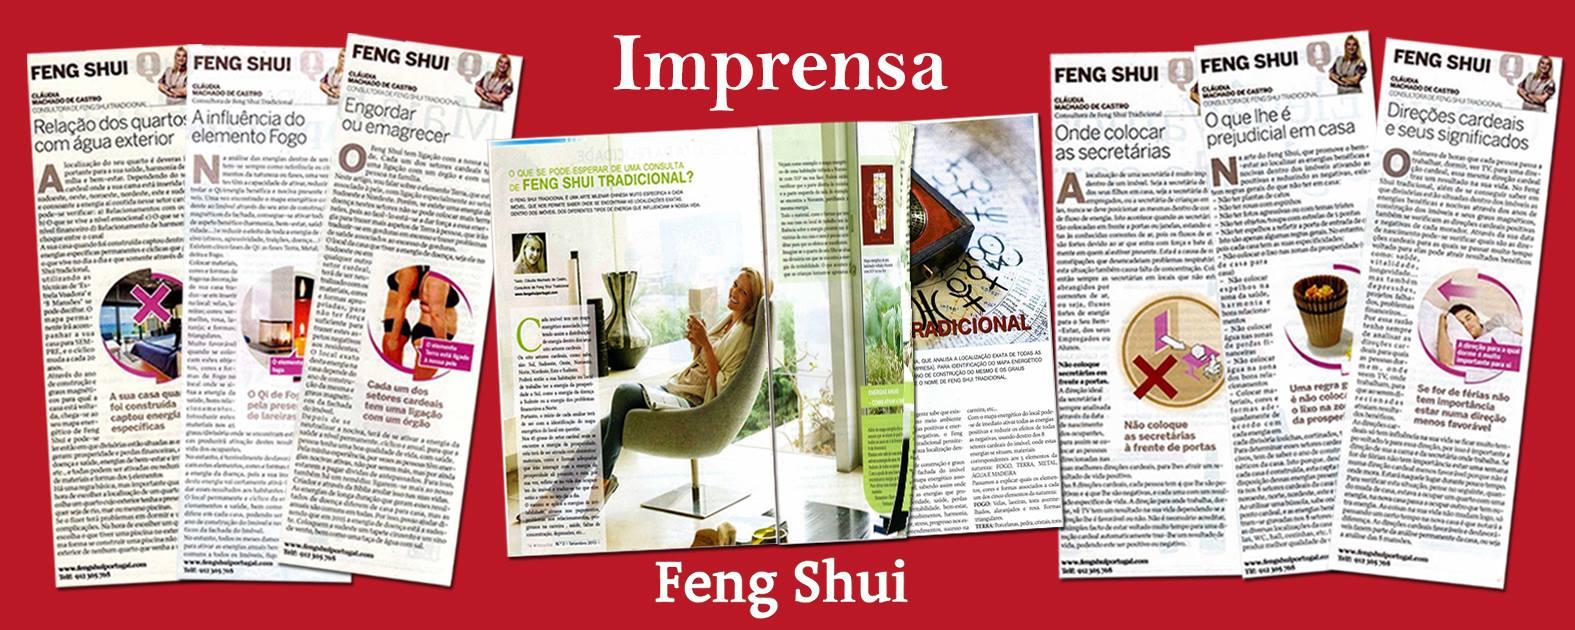 Feng Shui Portugal Imprensa Revistas Artigos